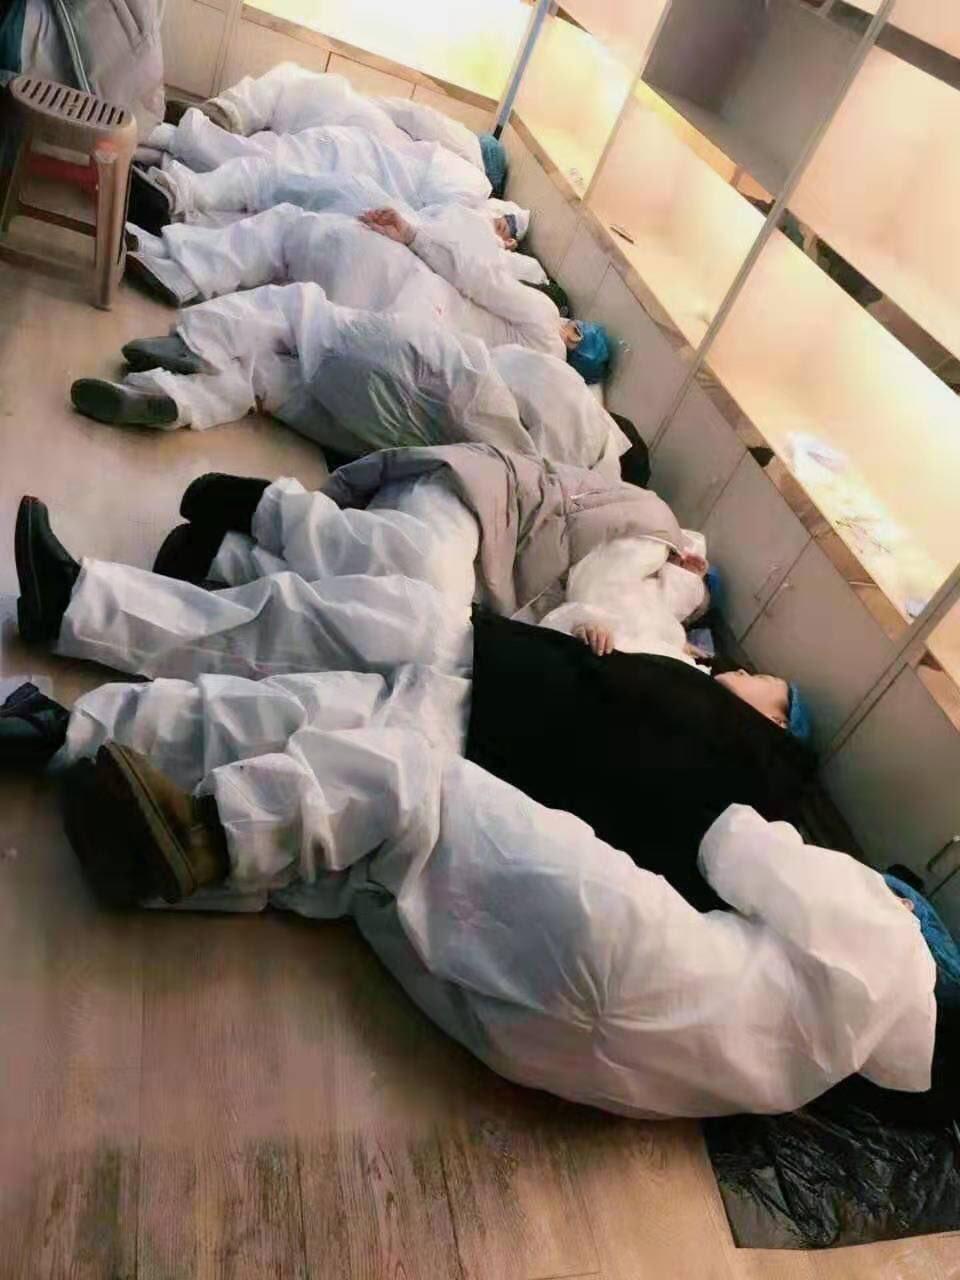 Epidemii koronaviru pociťuje ve Wu-Chanu personál v nemocnicích, který pracuje téměř nonstop. Fotografie unavených doktorů a sester se šíří po sociálních sítích.